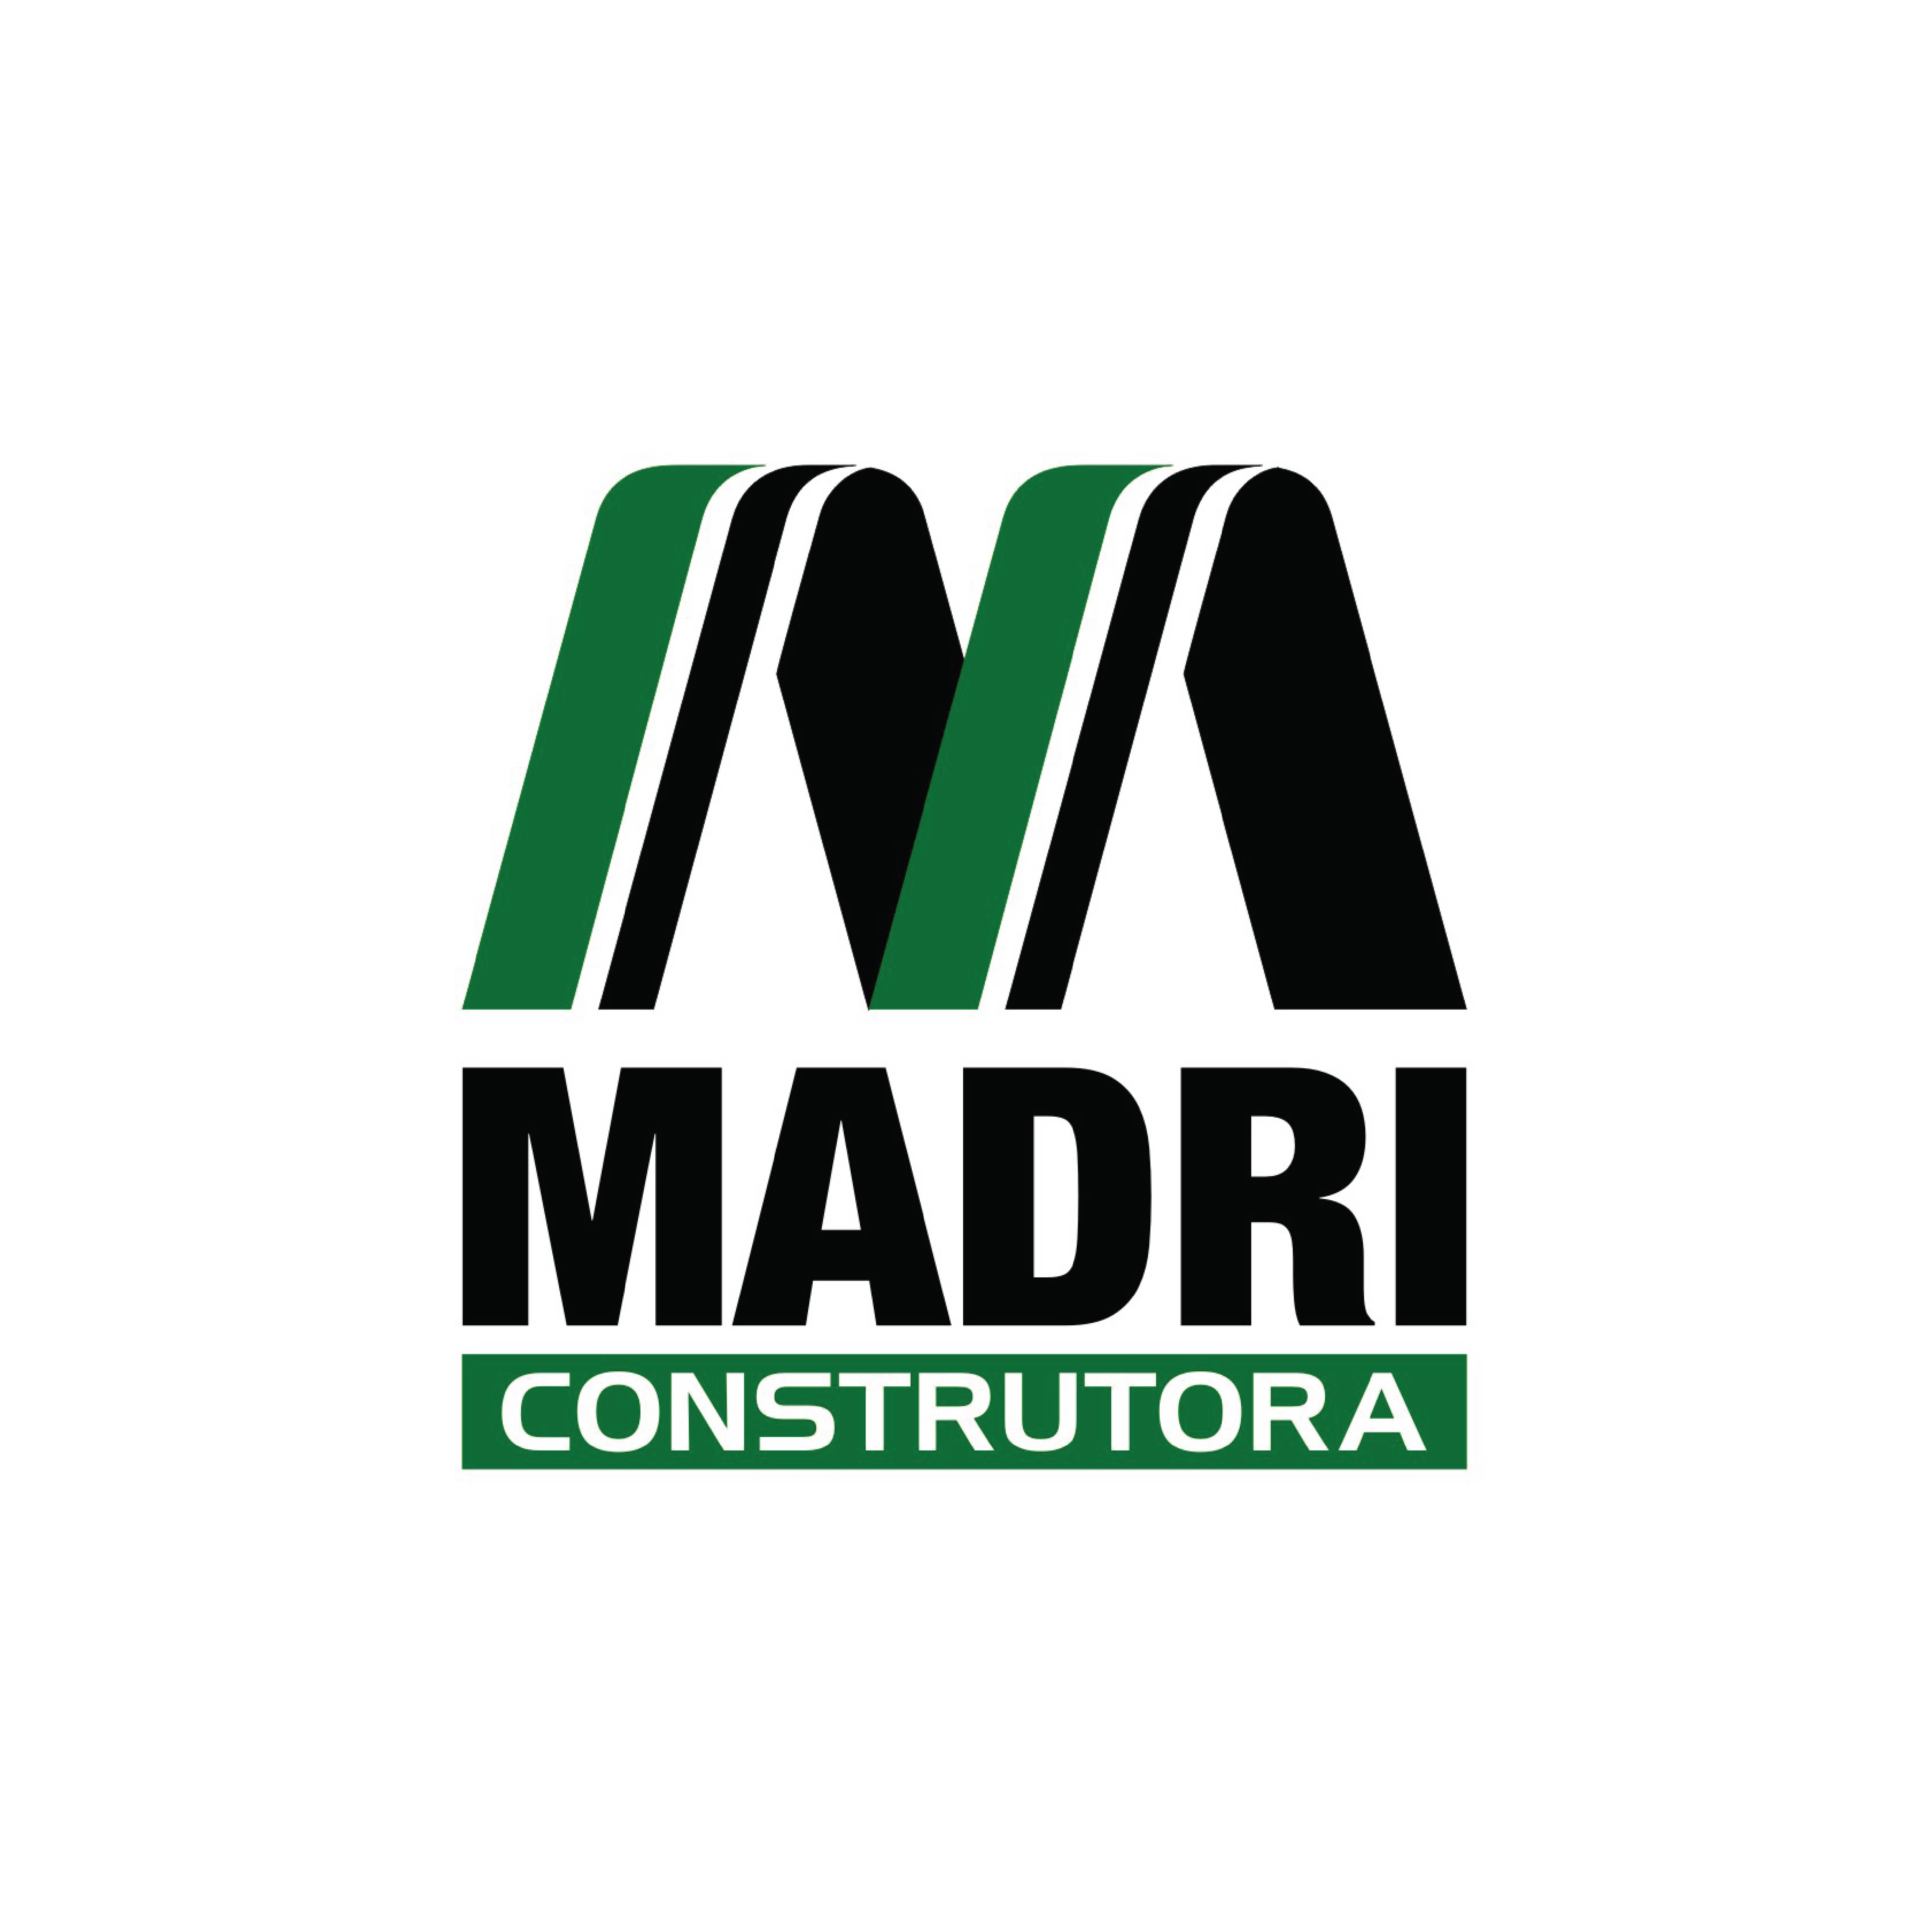 1 MADRIBASE P MARCA WEB